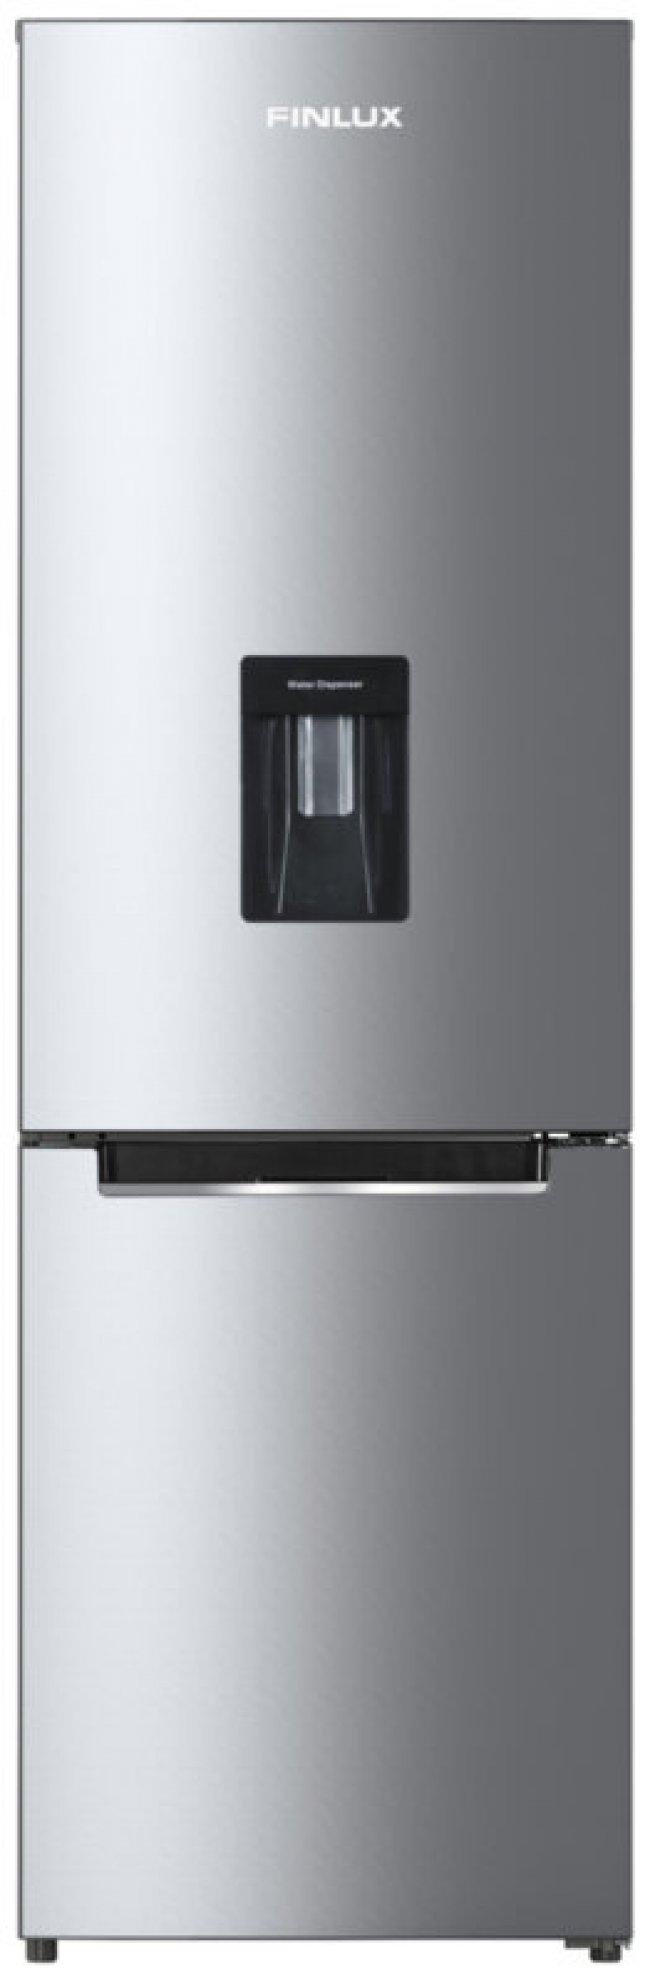 Хладилник Finlux FBN-300DIX